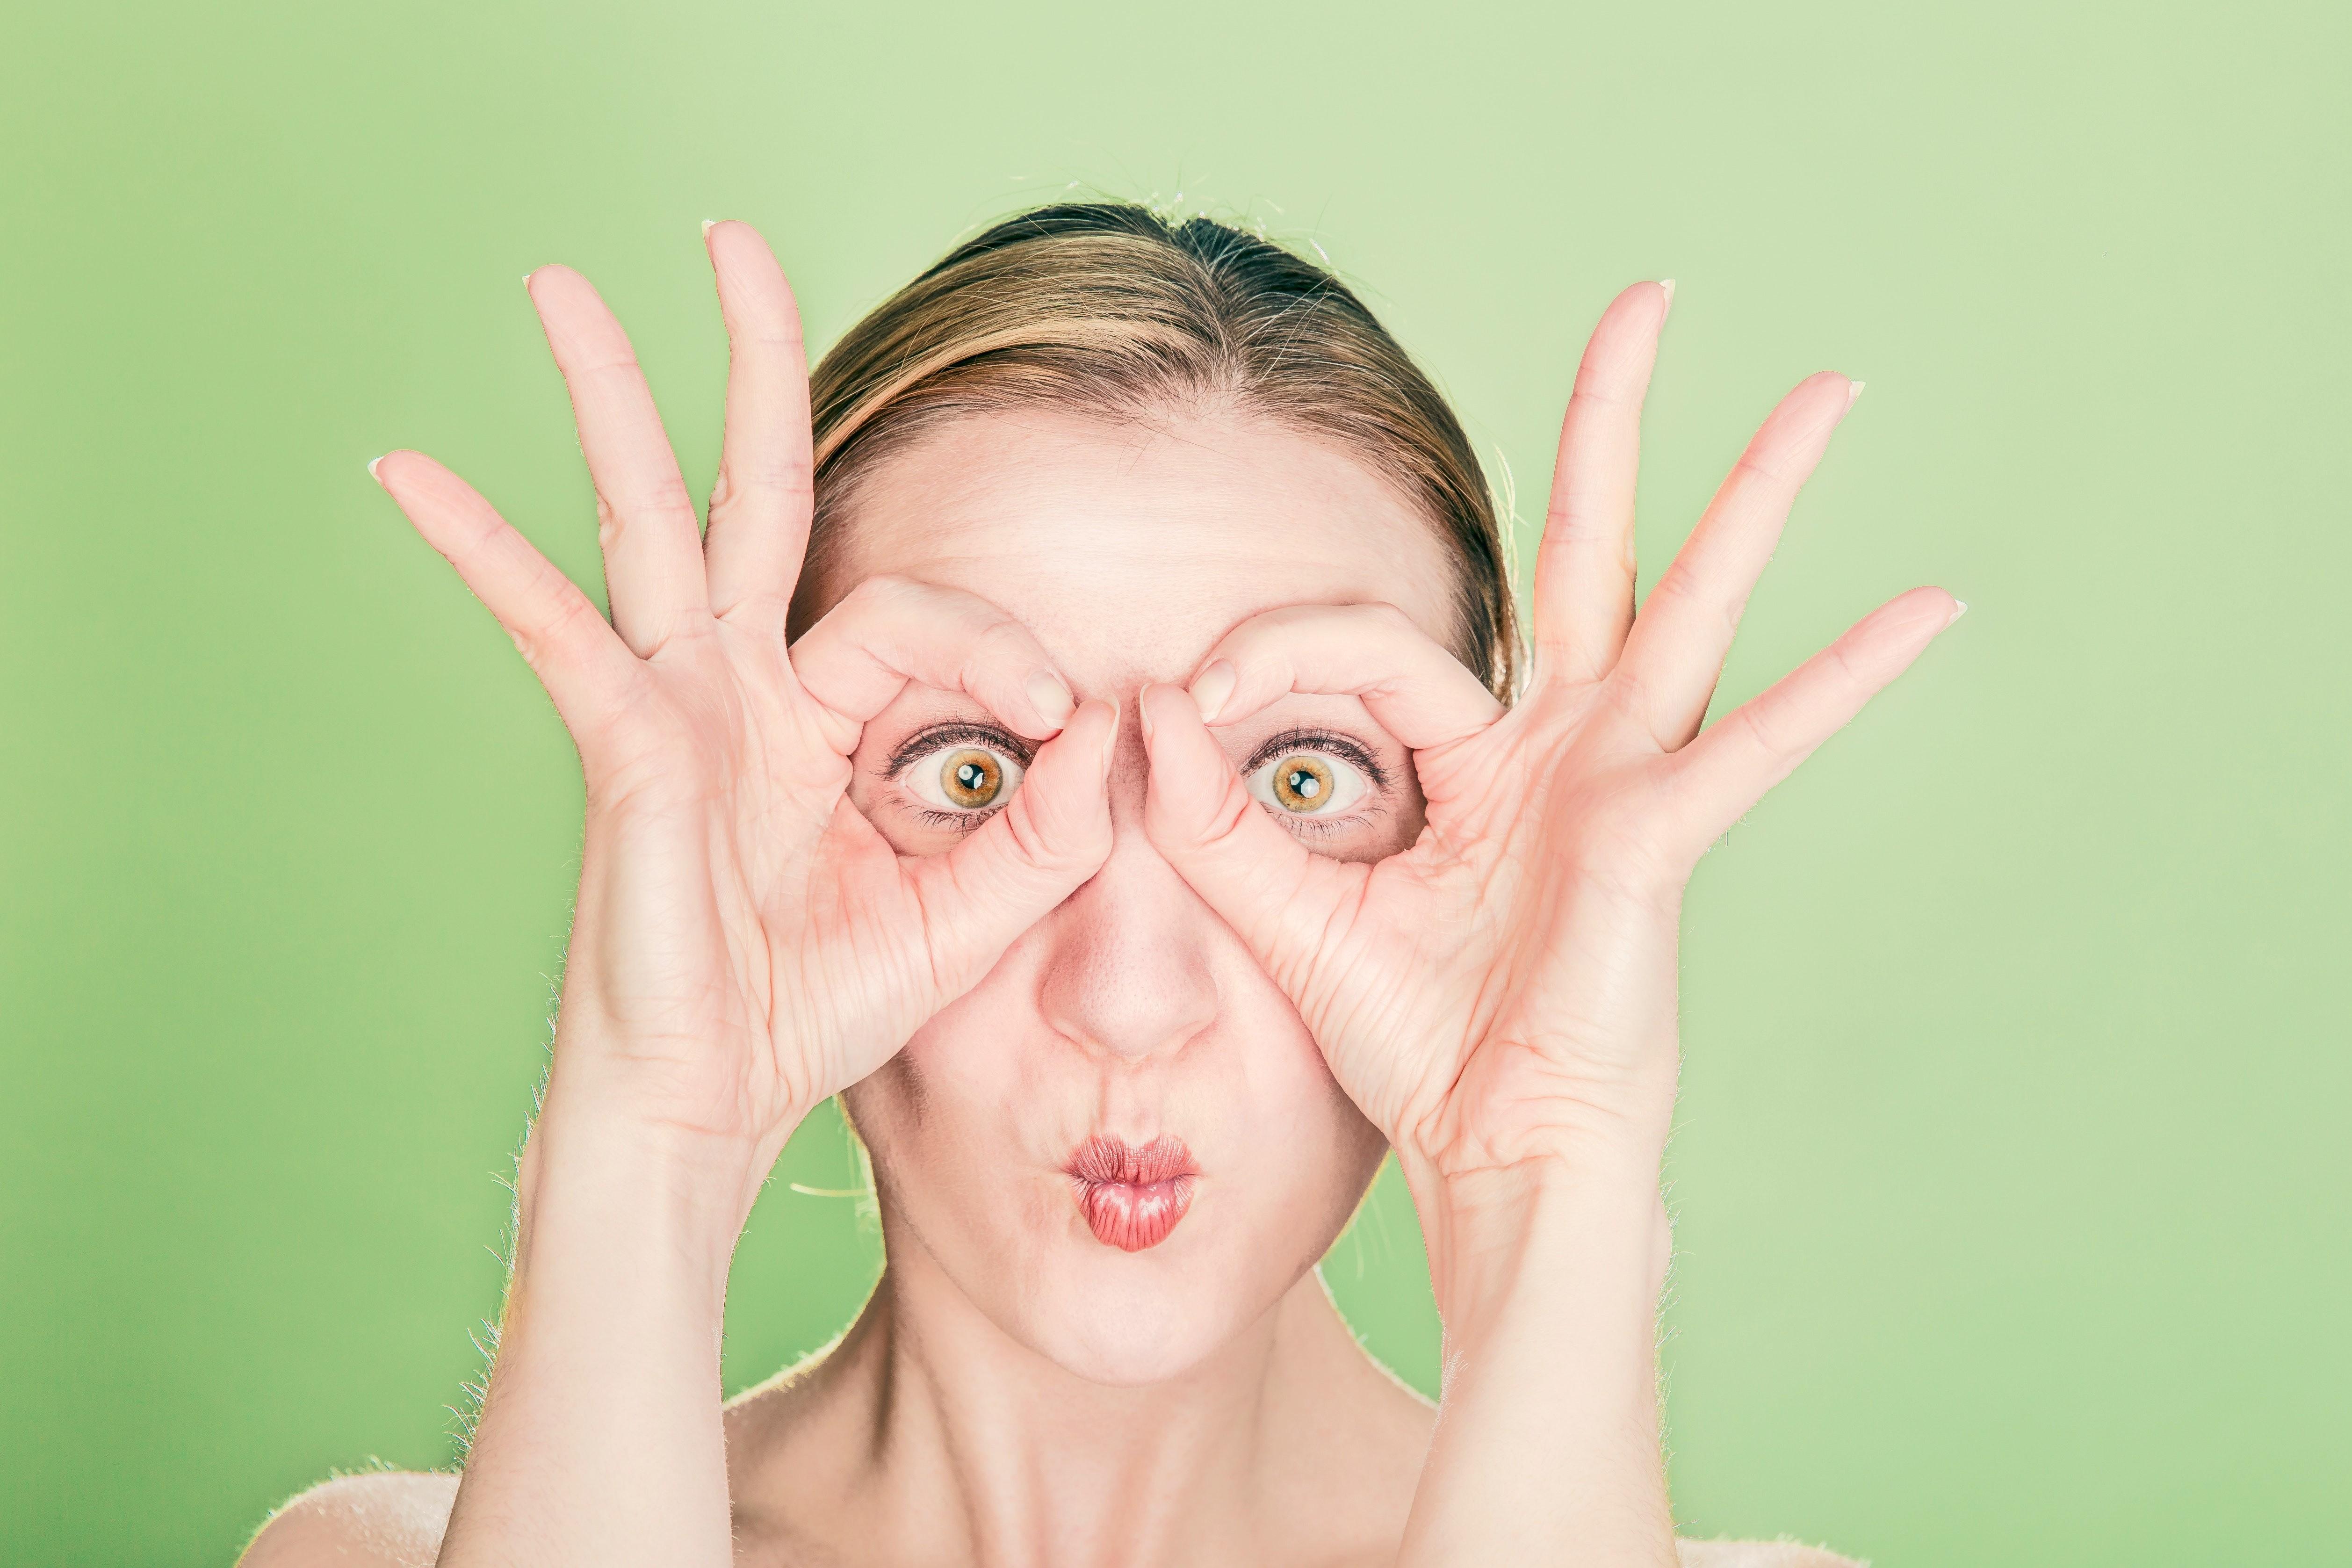 Маски для век вокруг глаз от морщин: проверенные и эффективные рецепты